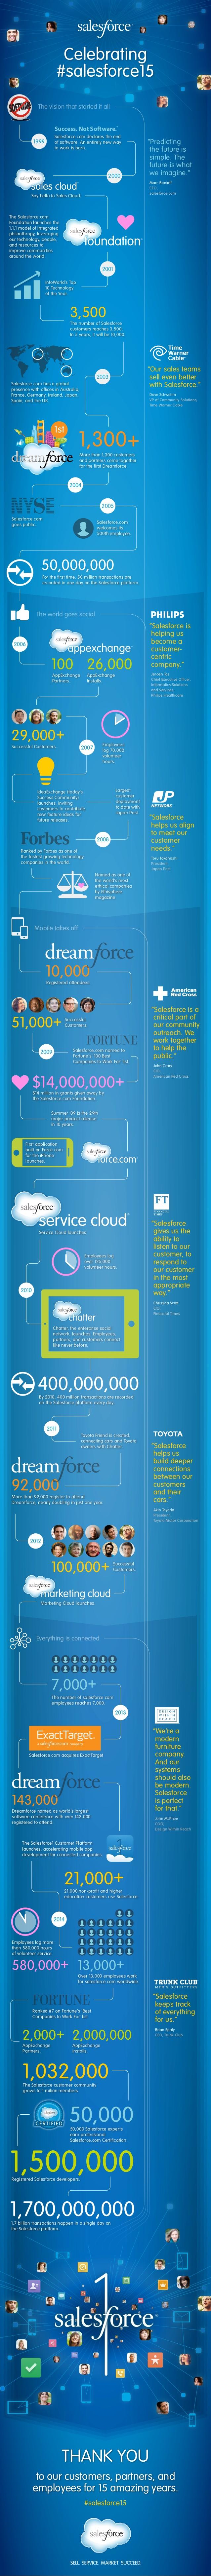 Los 15 primeros años de Salesforce